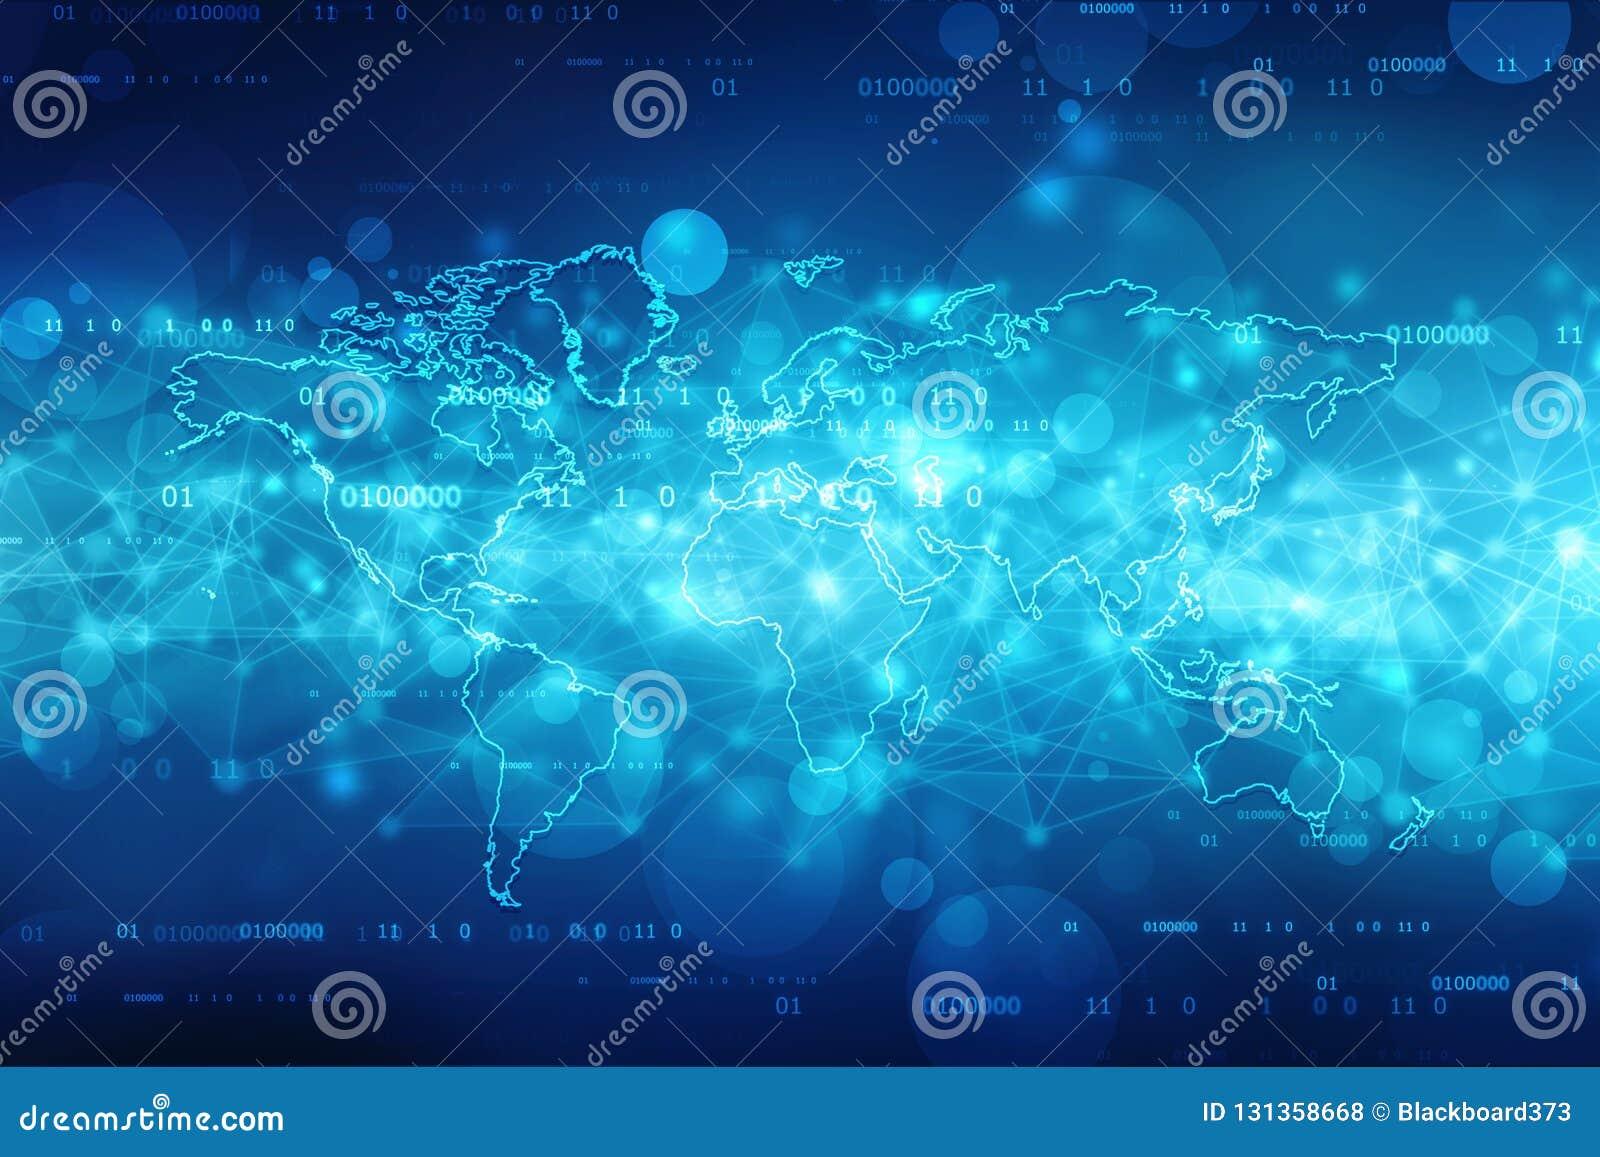 2.o fondo del extracto del mapa del mundo del ejemplo, fondo de la red de comunicaciones globales